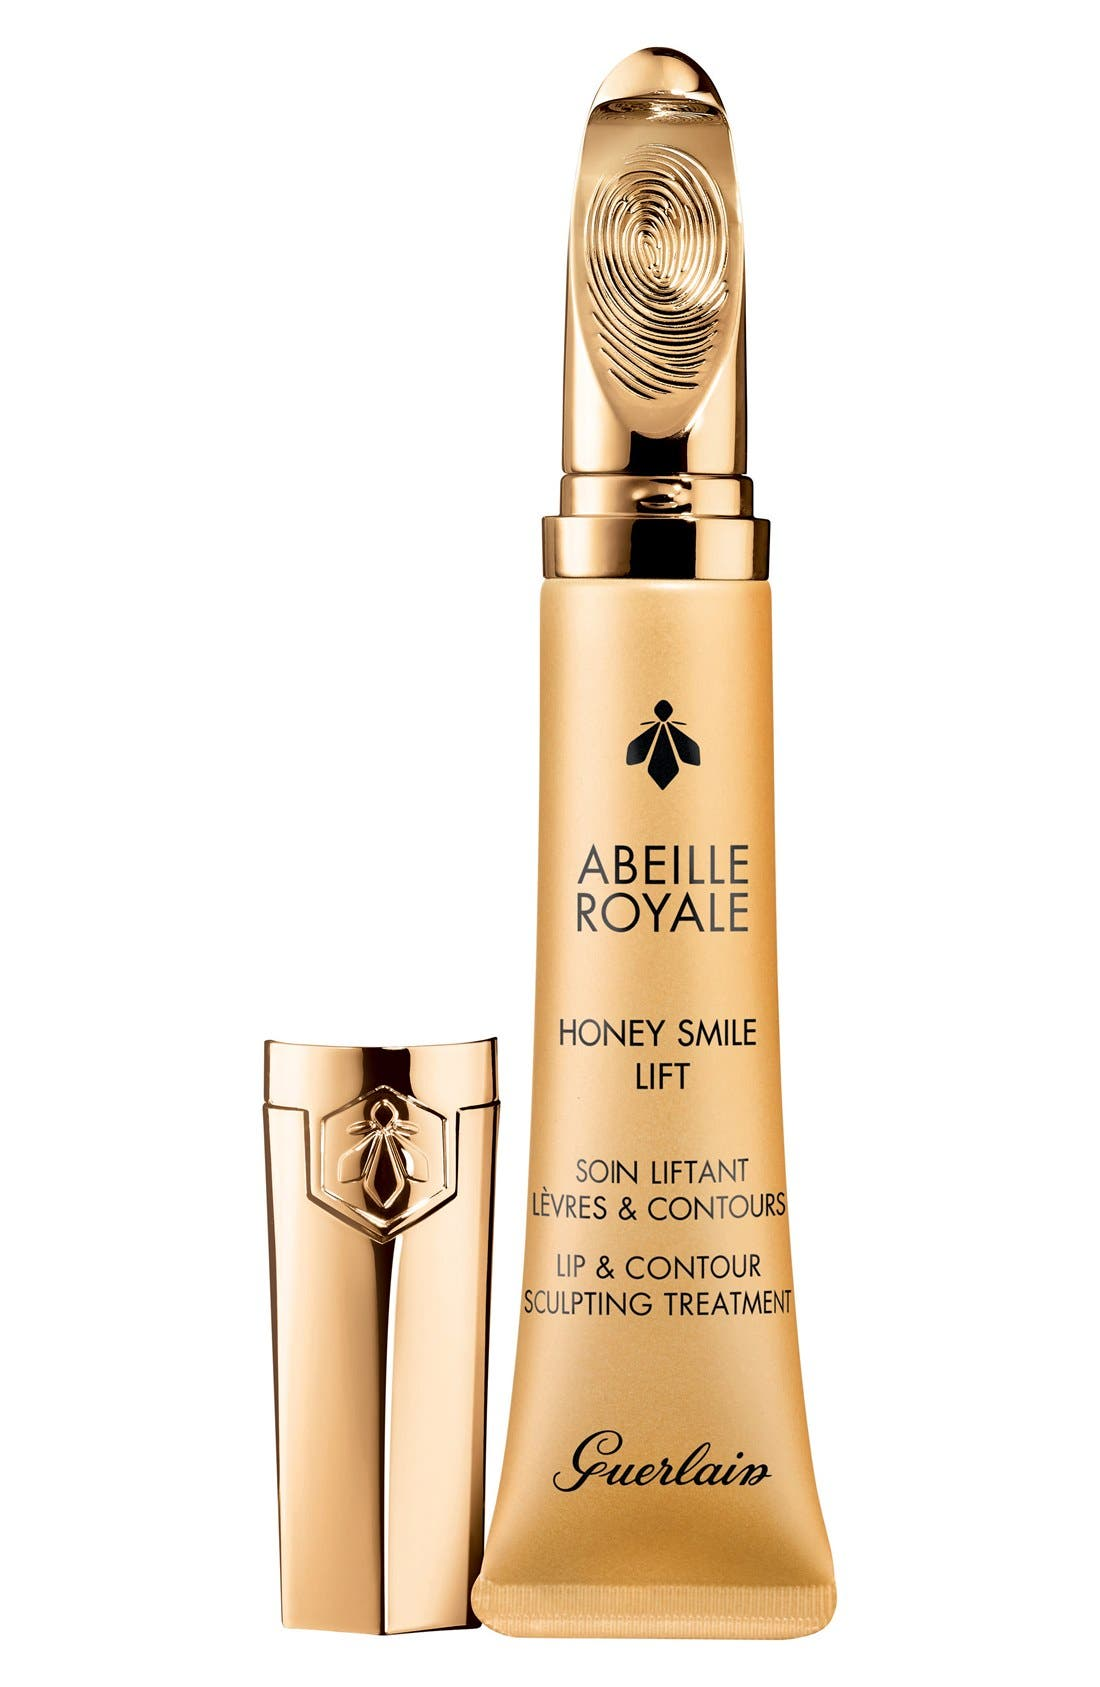 Abeille Royale - Honey Smile Lift Lip & Contour Sculpting Treatment,                             Main thumbnail 1, color,                             NO COLOR